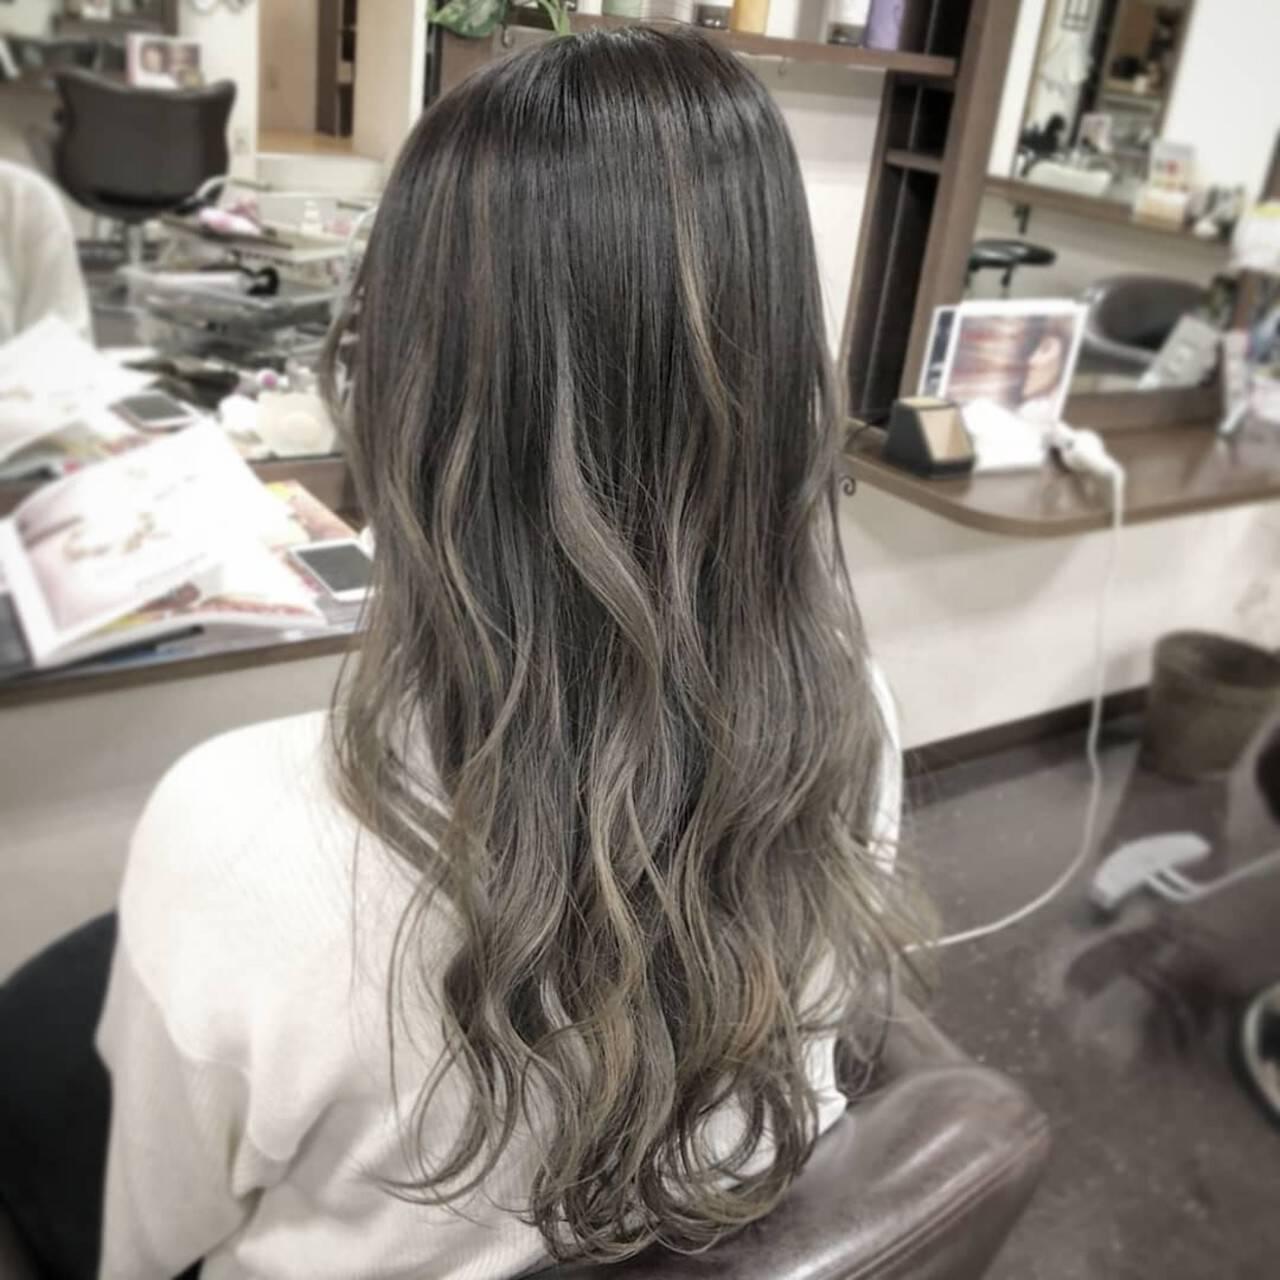 ダブルカラー エレガント ハイトーン グラデーションカラーヘアスタイルや髪型の写真・画像